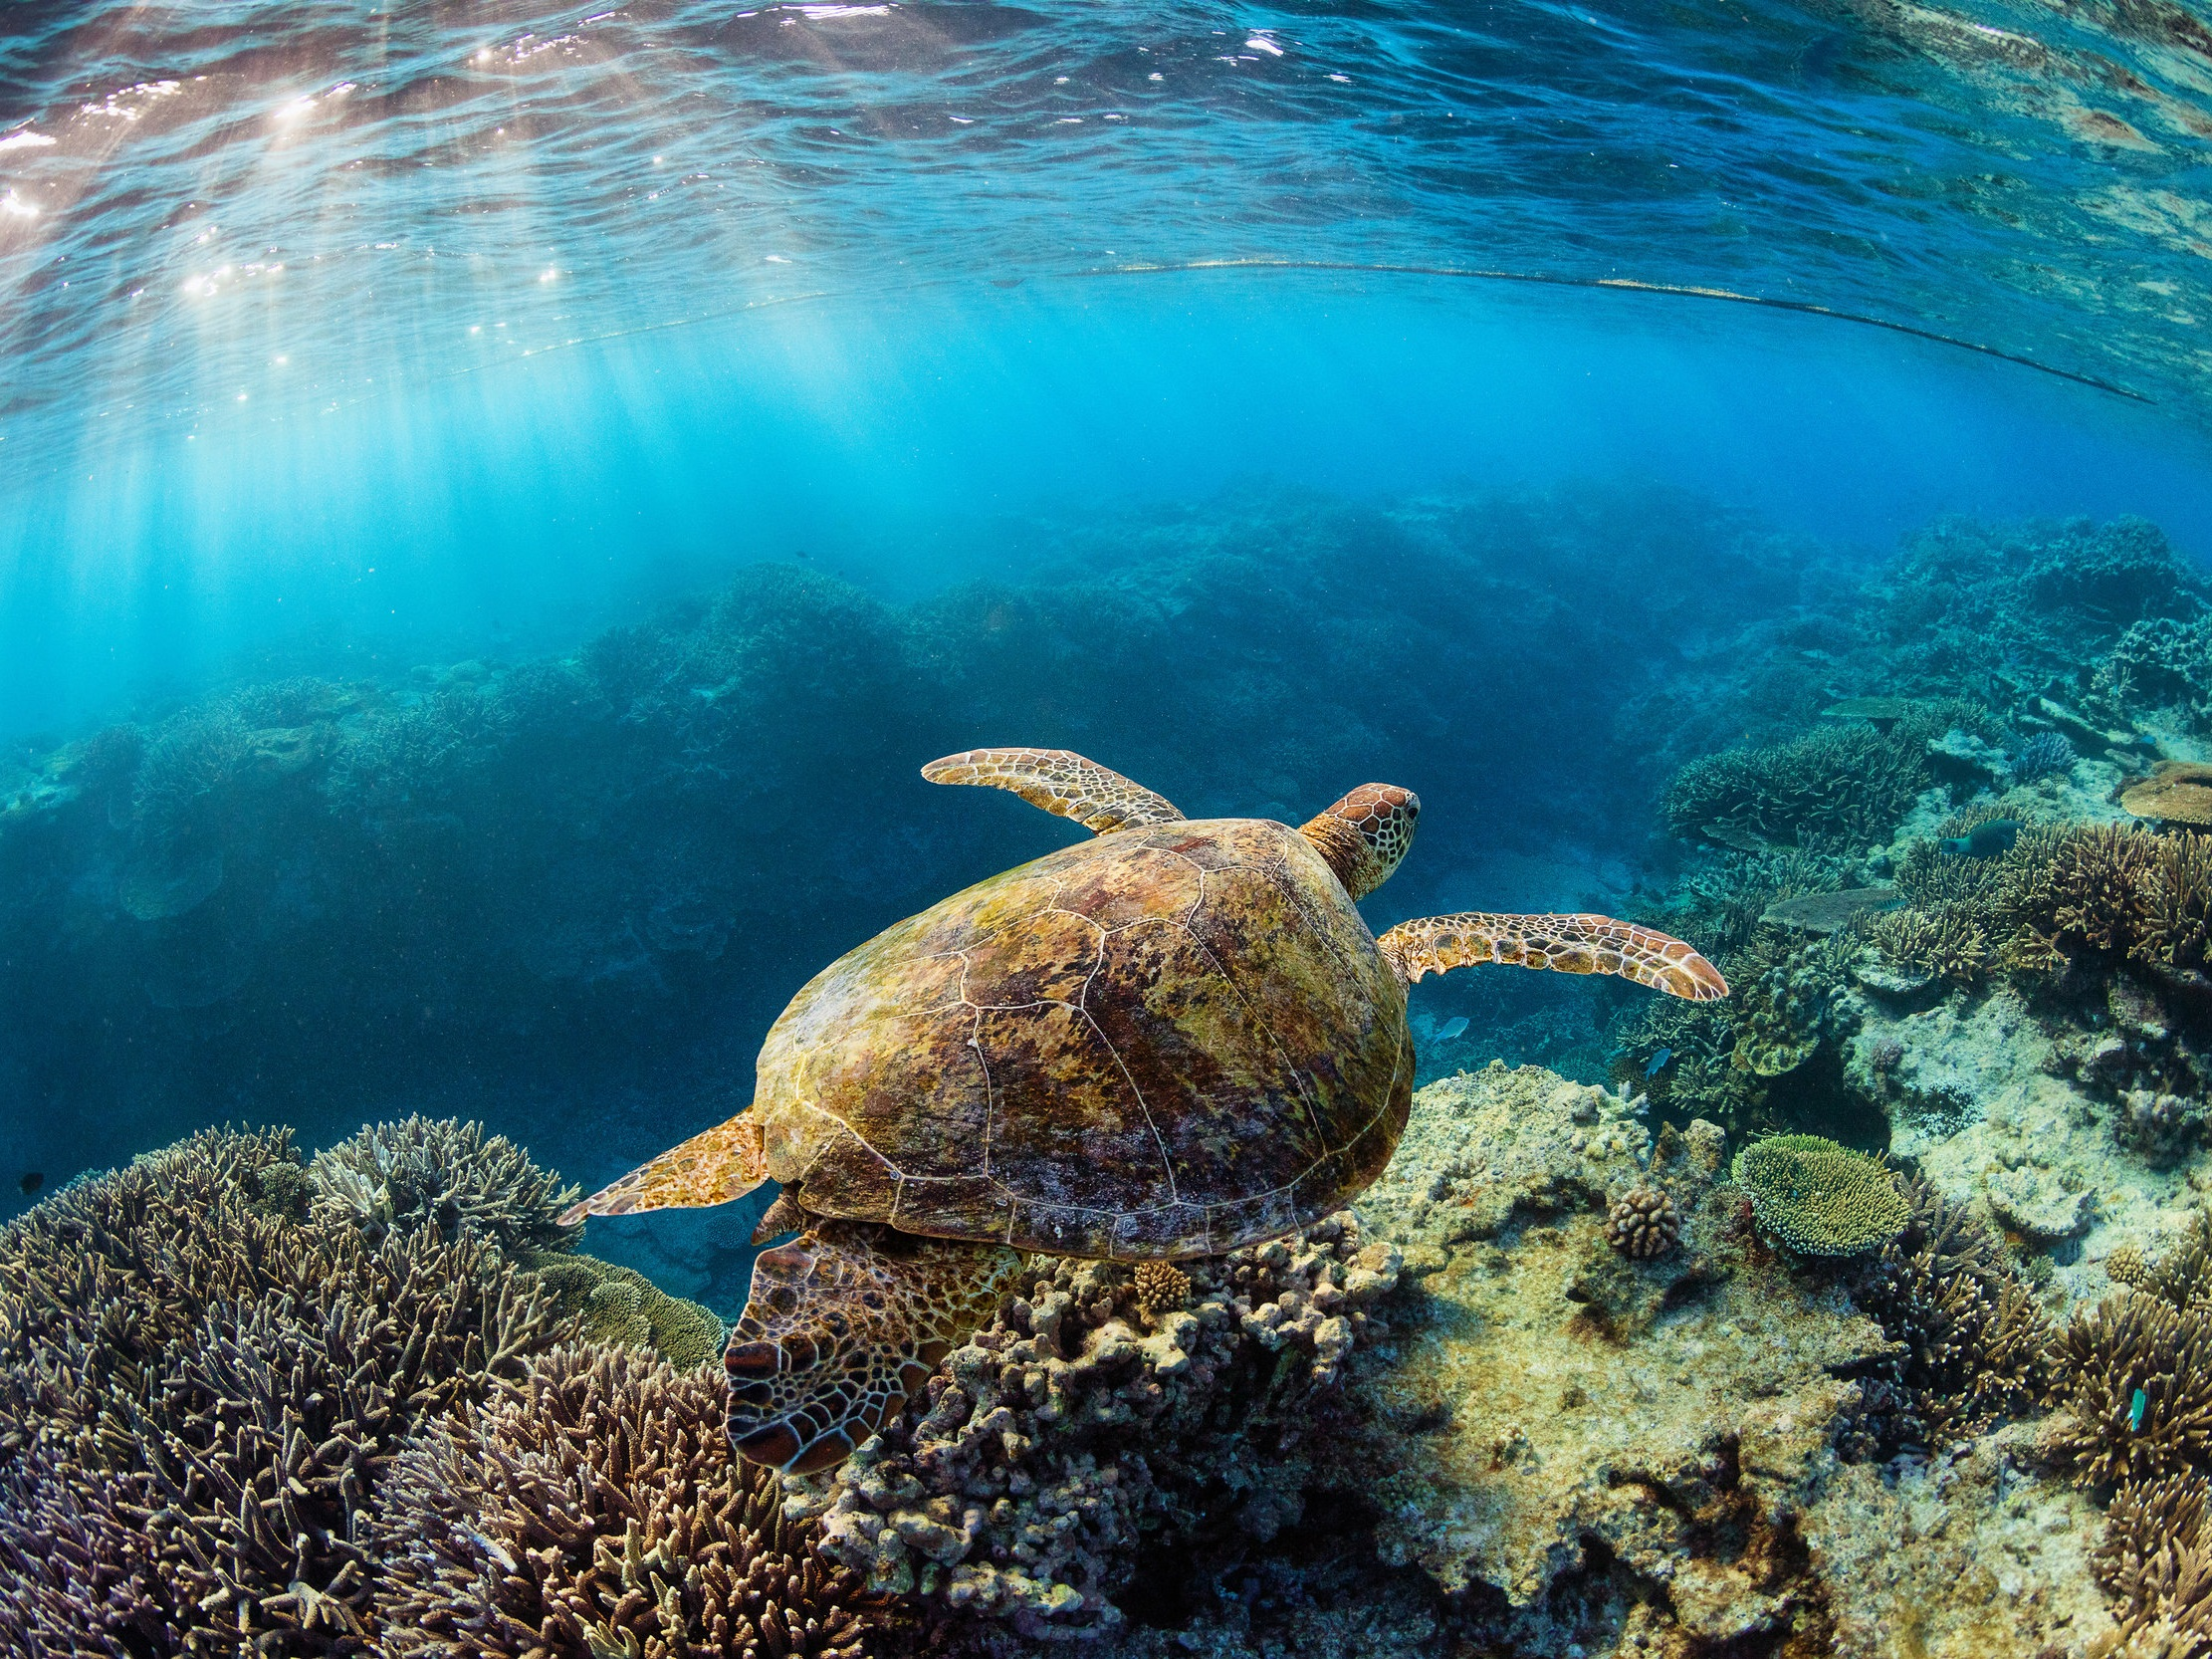 TURTLE IN GBR  CREDIT: JORDAN ROBINS / coral reef image bank